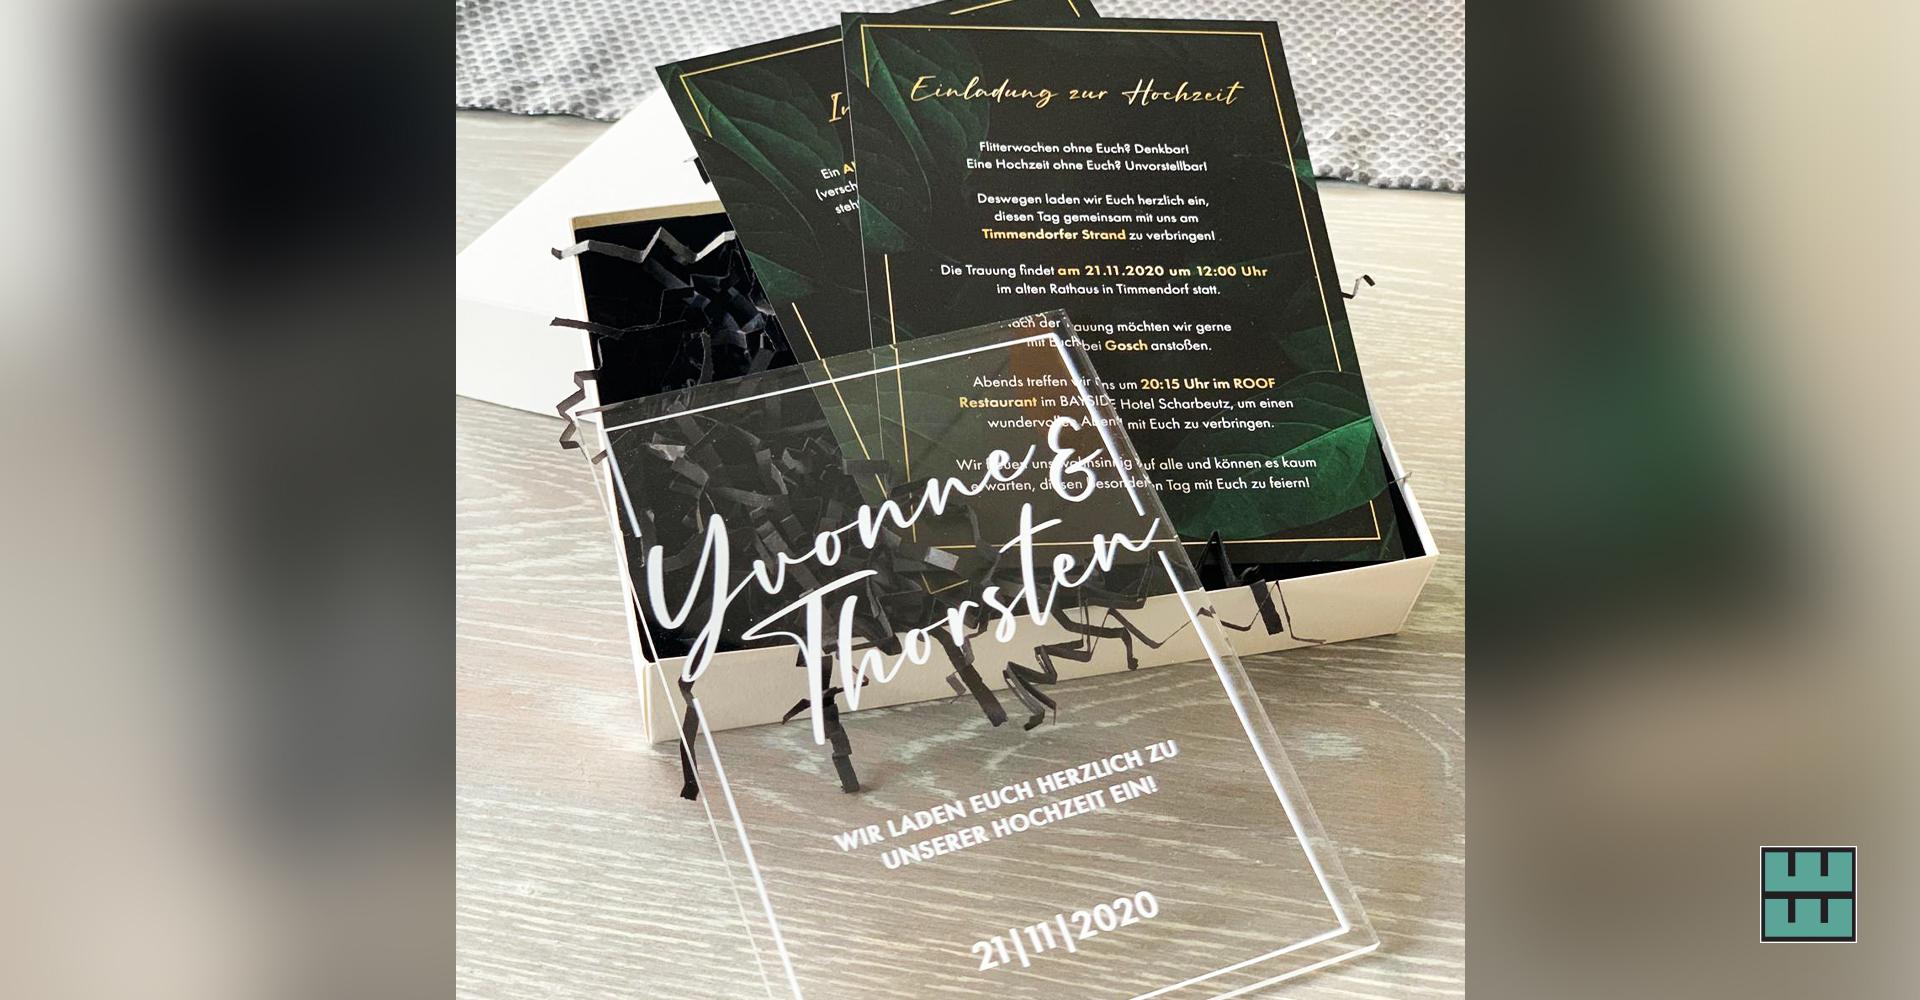 Für die jetzige Familie Schwenn durften wir eine wunderschöne Hochzeitseinladung gestalten und produzieren.